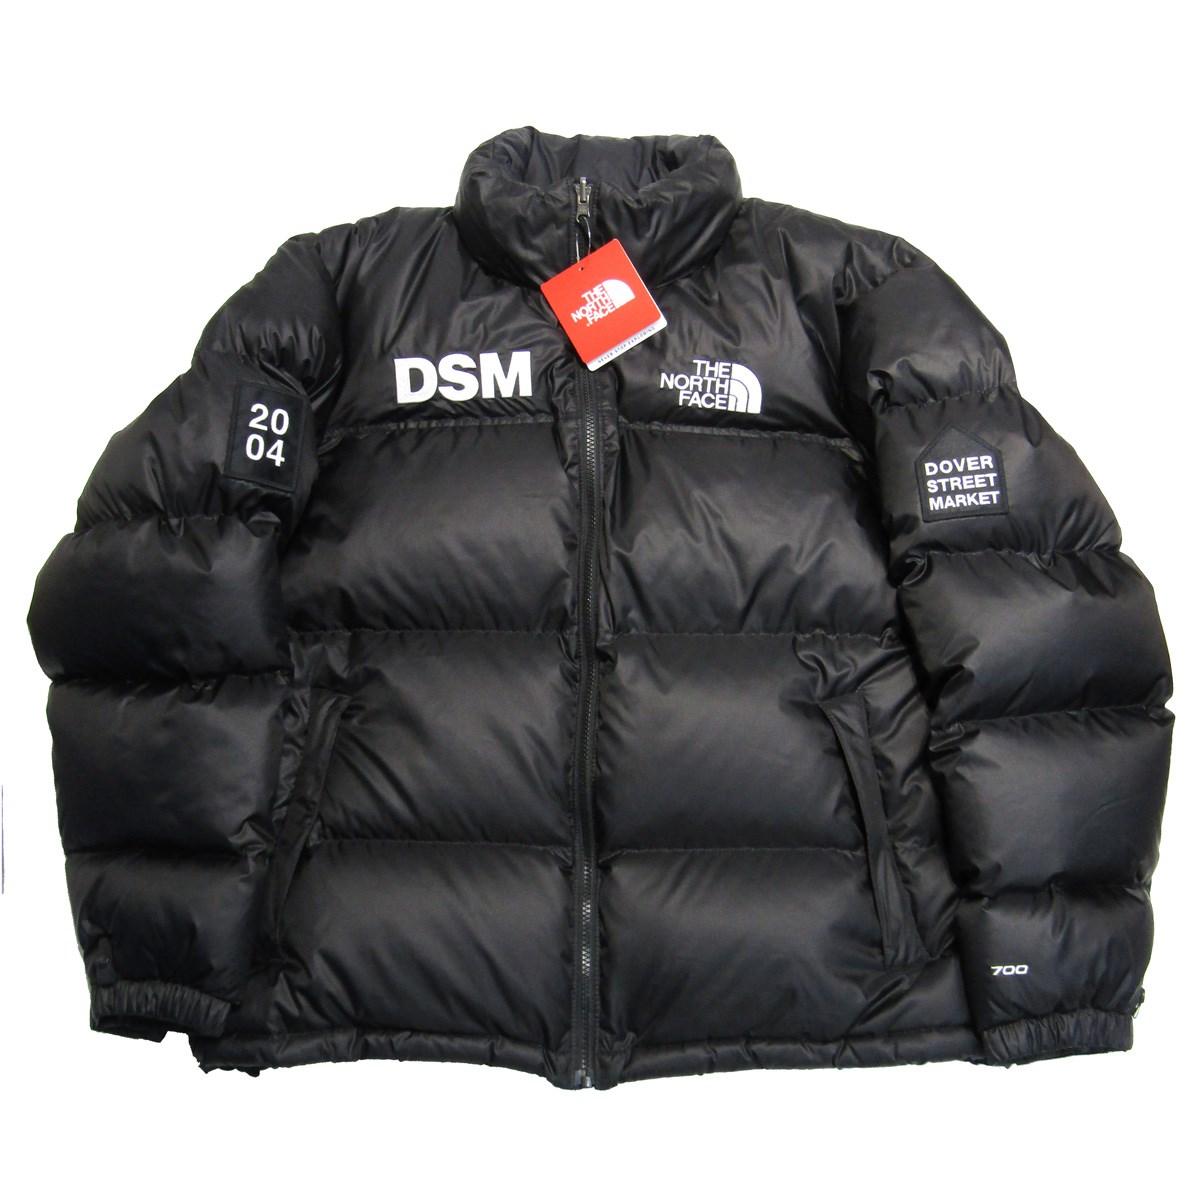 【中古】THE NORTH FACEDSM別注 Nuptse Jacket ヌプシ ダウンジャケット ブラック サイズ:L 【4月2日見直し】